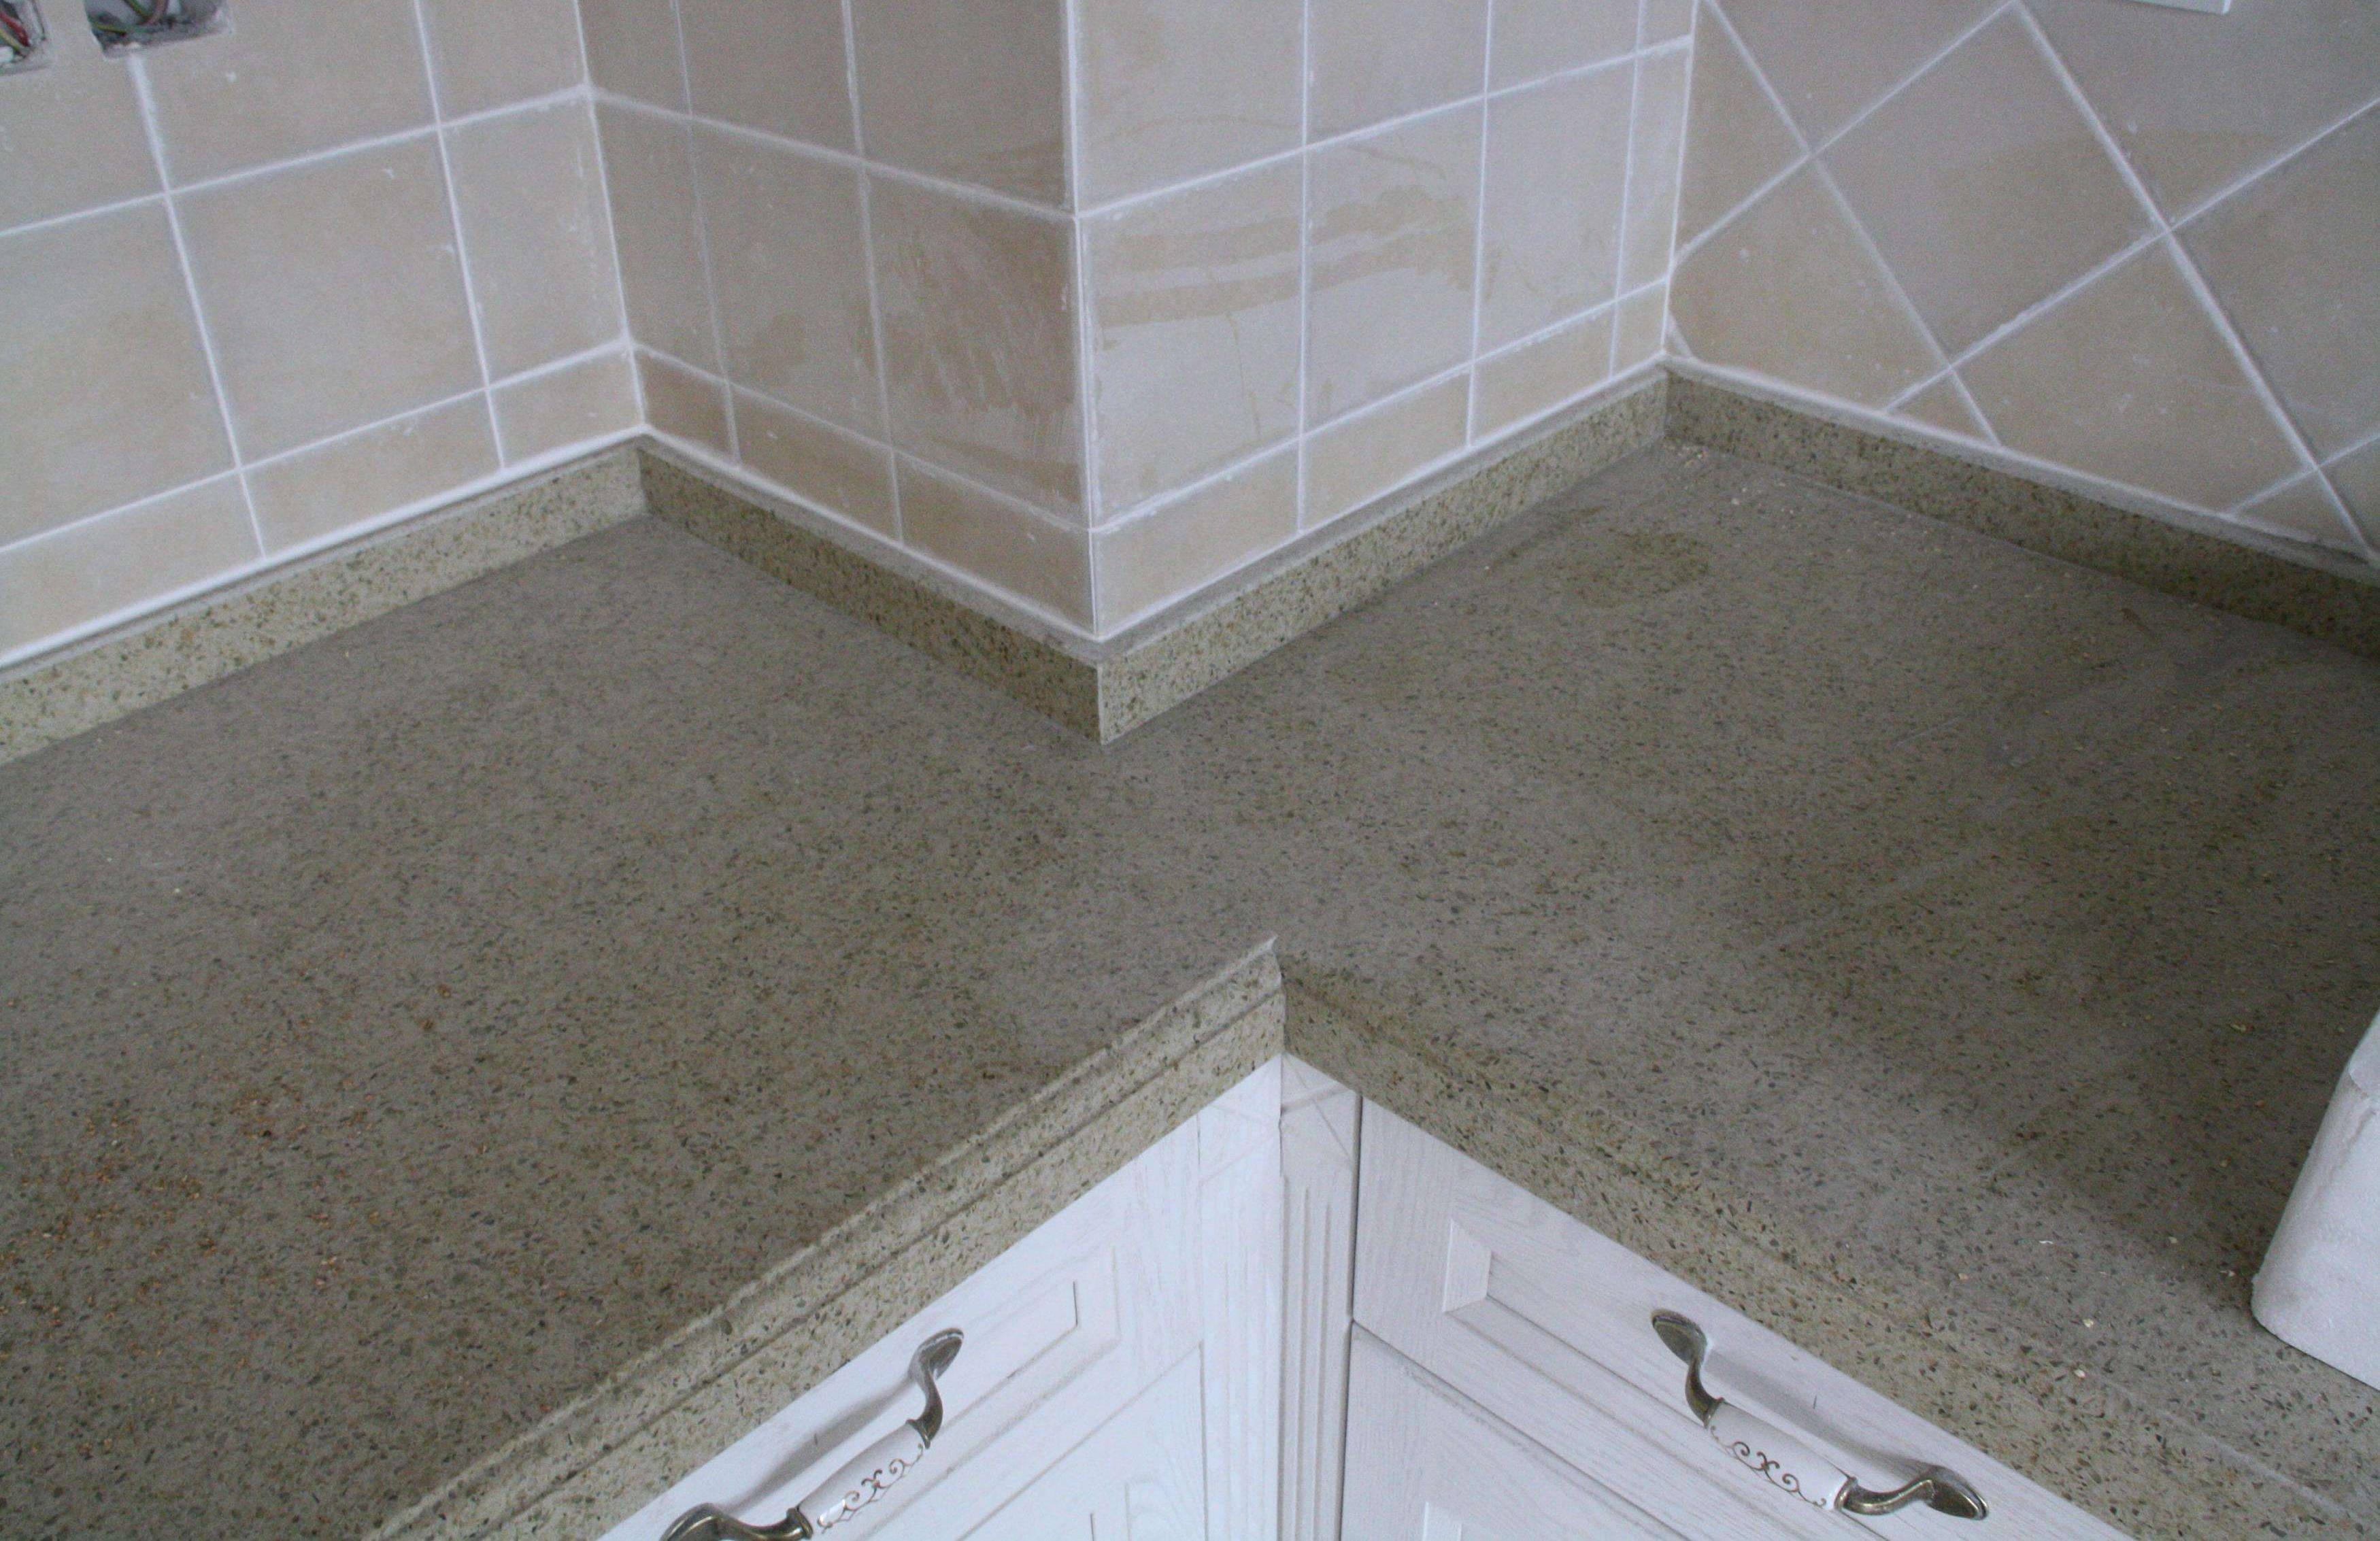 大满贯老品牌网站厨房台面选什么材质?石英石、大理石、不锈钢